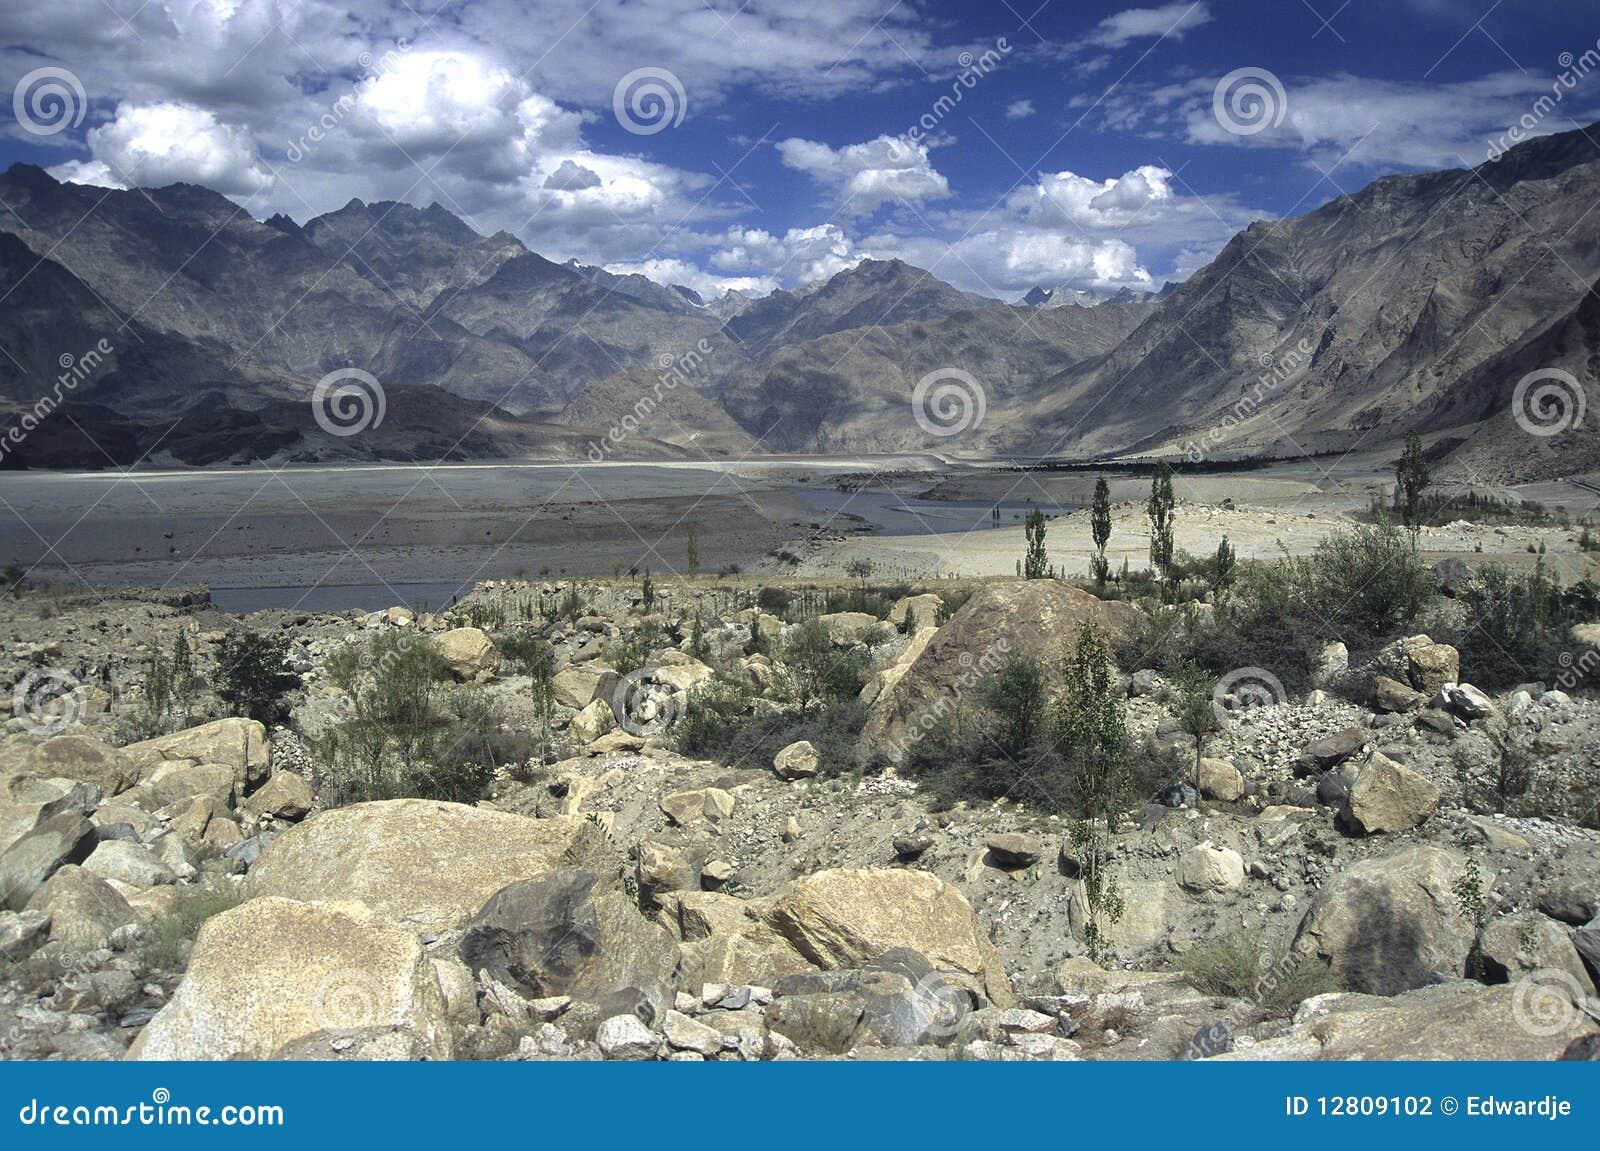 Pakistan Mountains 7